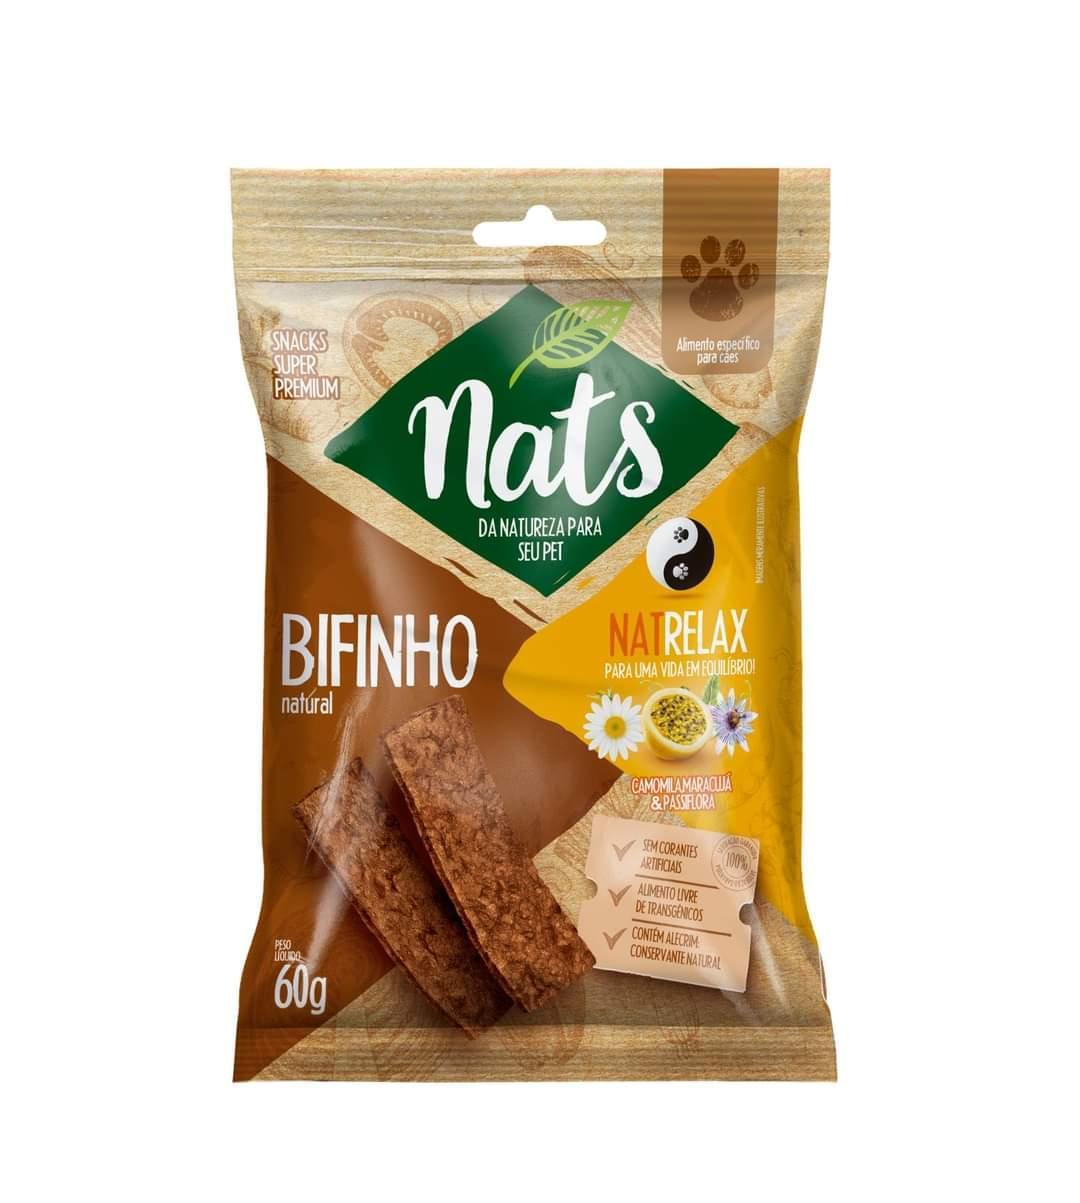 NATS BIFINHO NATRELAX 60GR